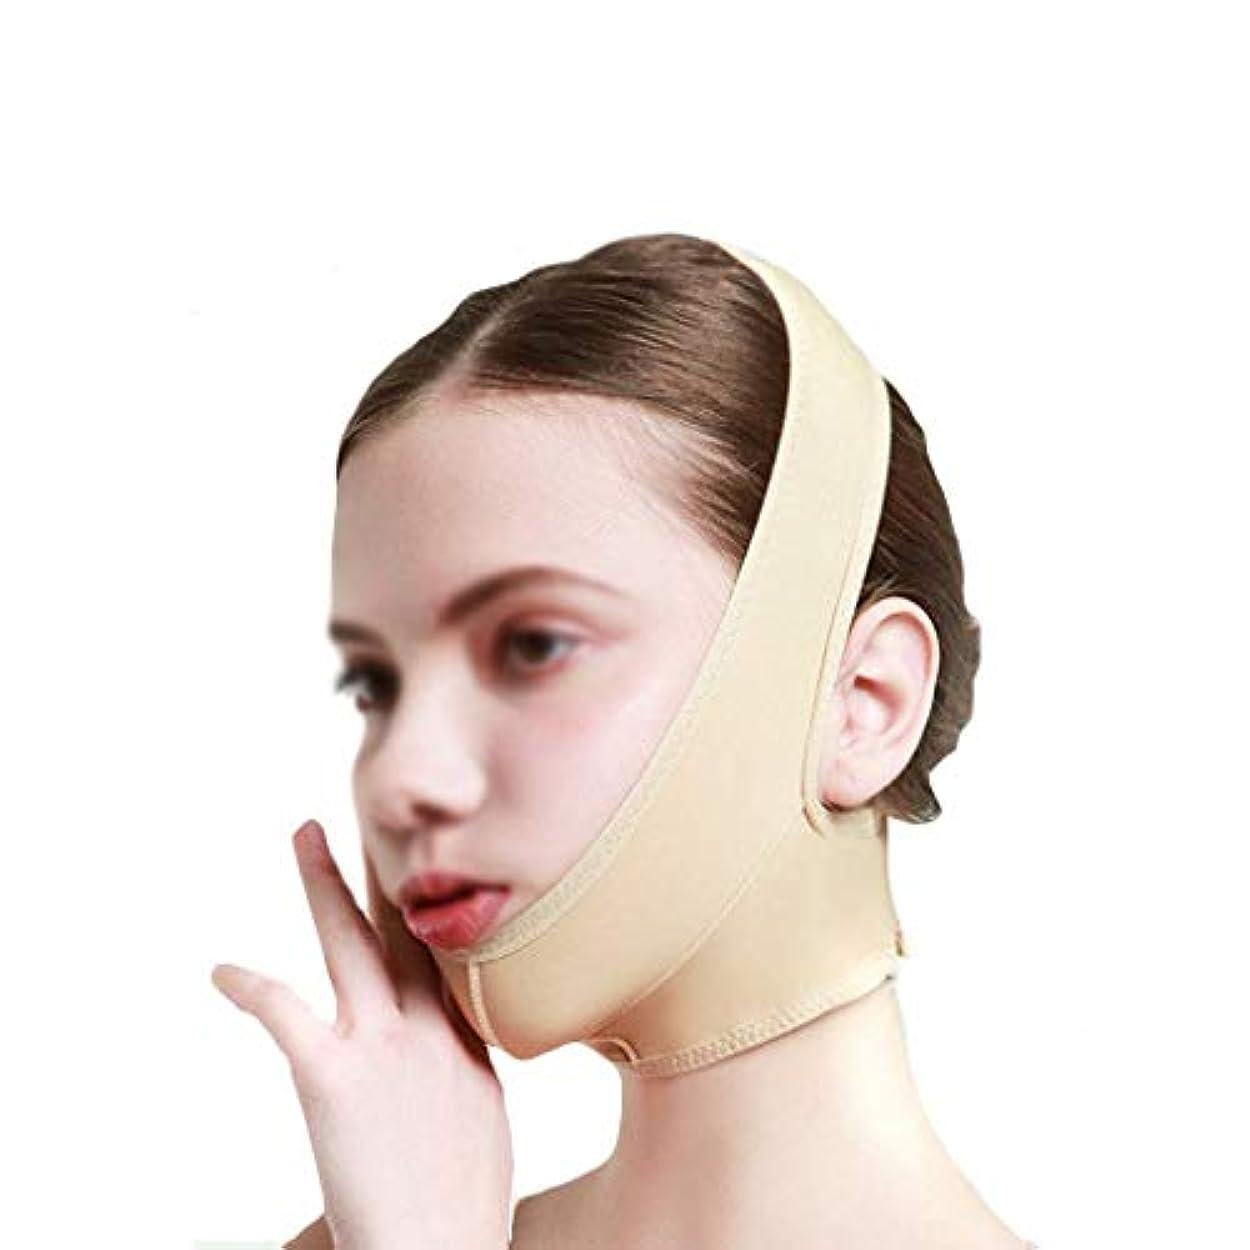 中陪審普及ダブルチンリデューサー、フェイススリミングマスク、フェイスリフティング、ストレッチマスク、ダブルチン、浮腫緩和、ケアツール、通気性(サイズ:XL),XXL